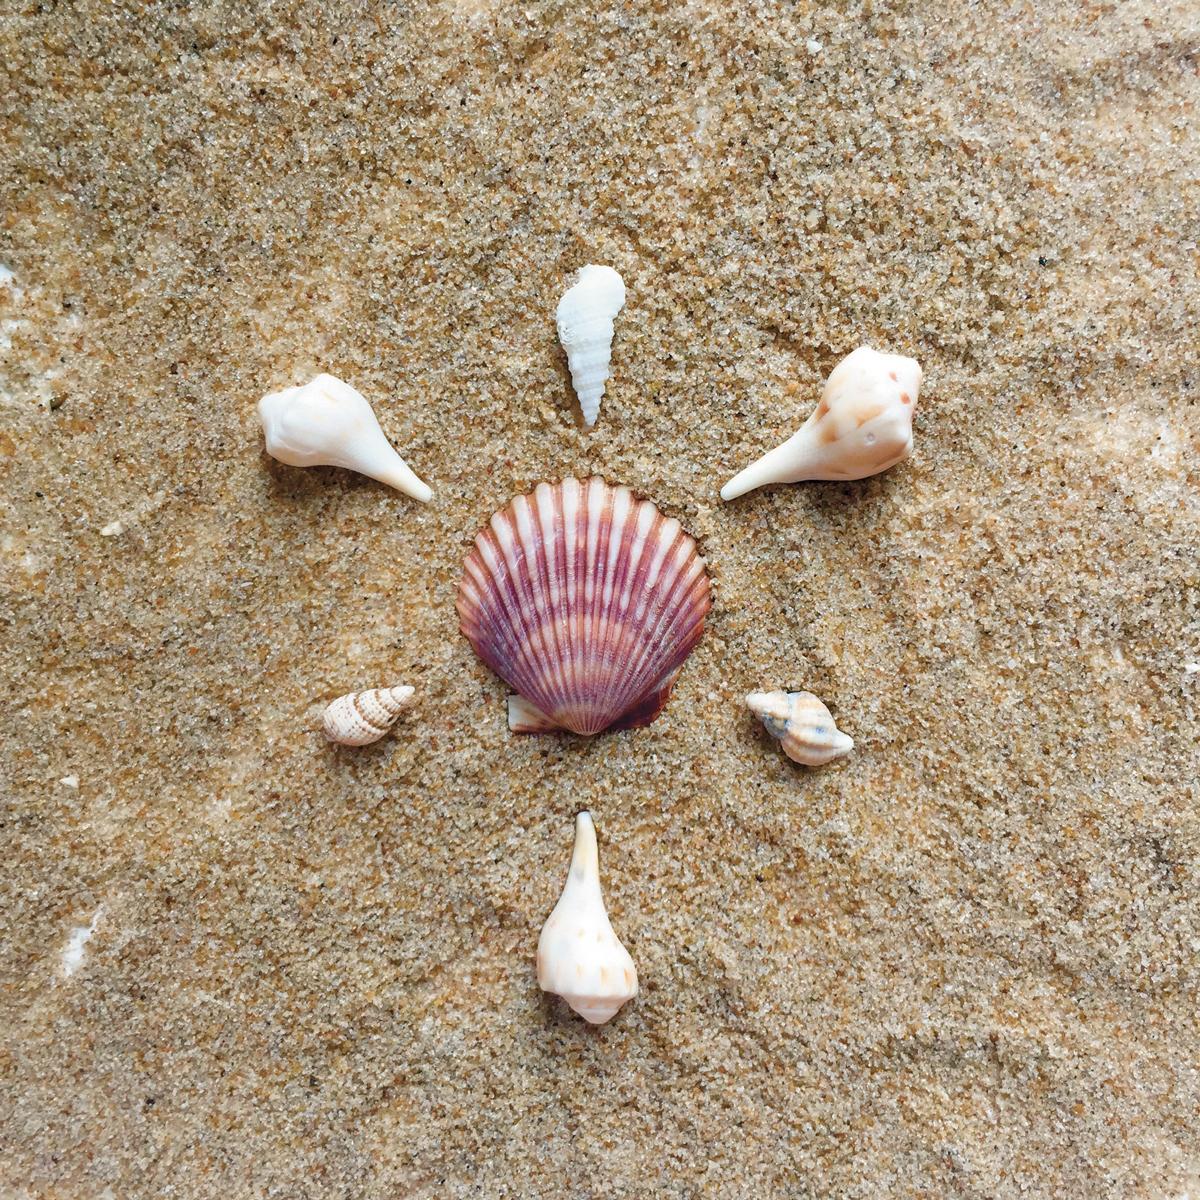 TB13.BeachMandala.4